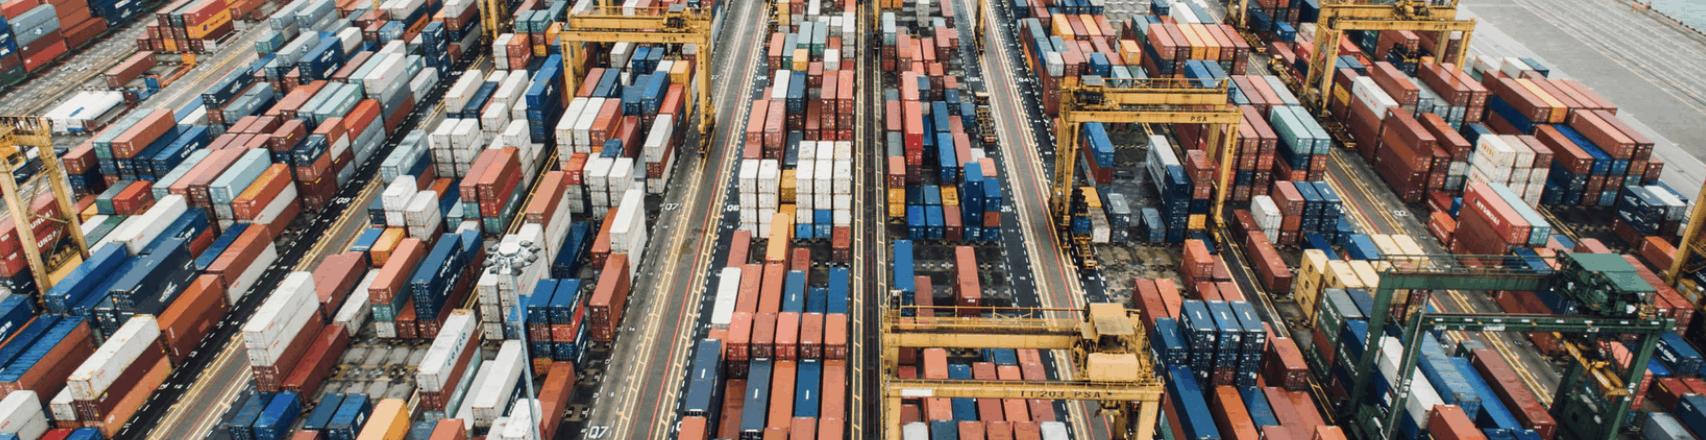 Datenbank Handel Deutschland